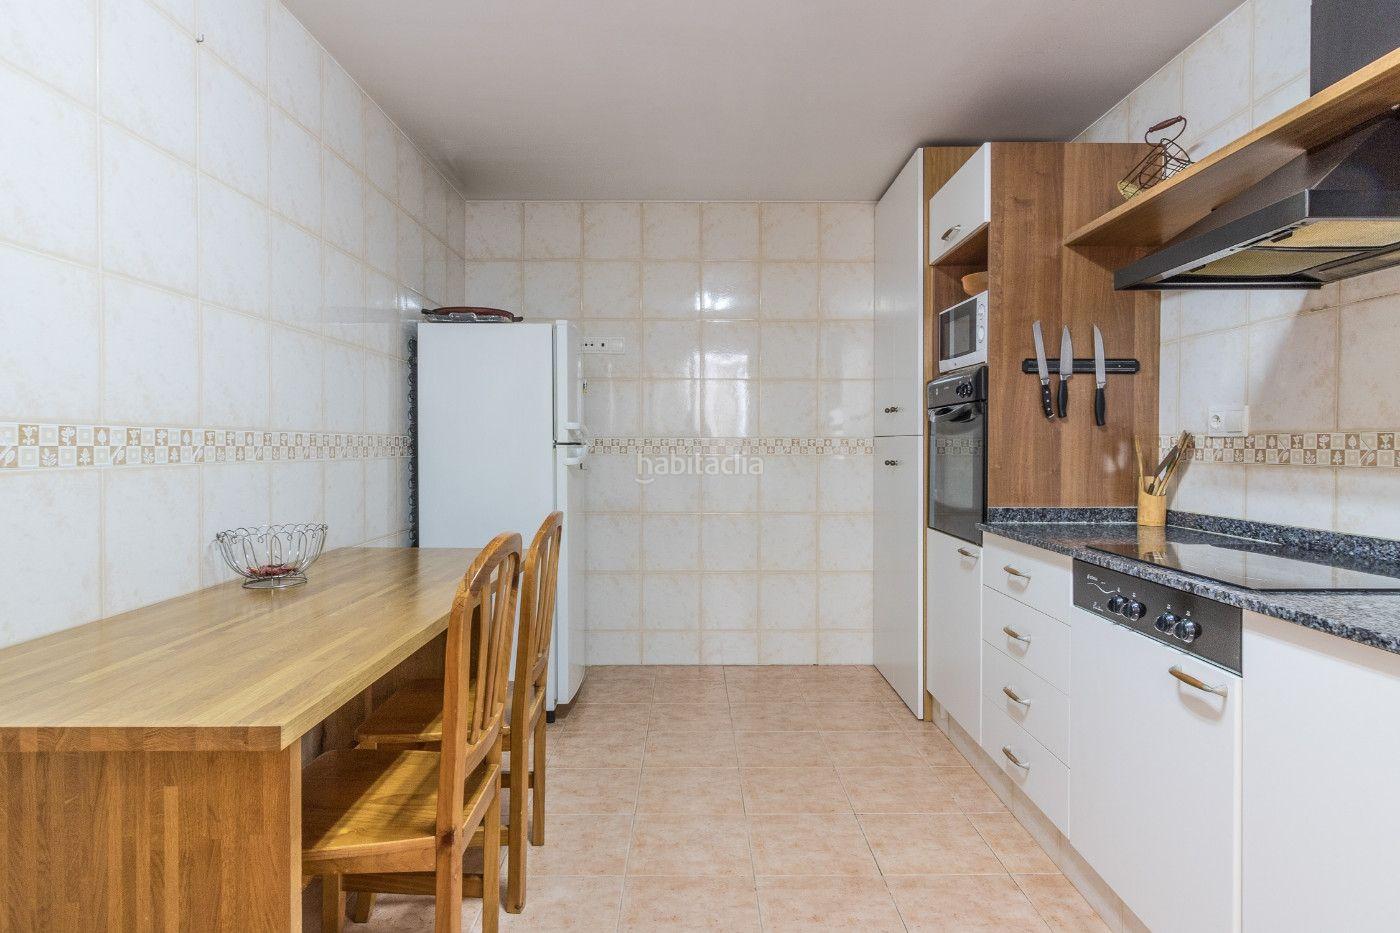 Estupendo piso amueblado Carlet